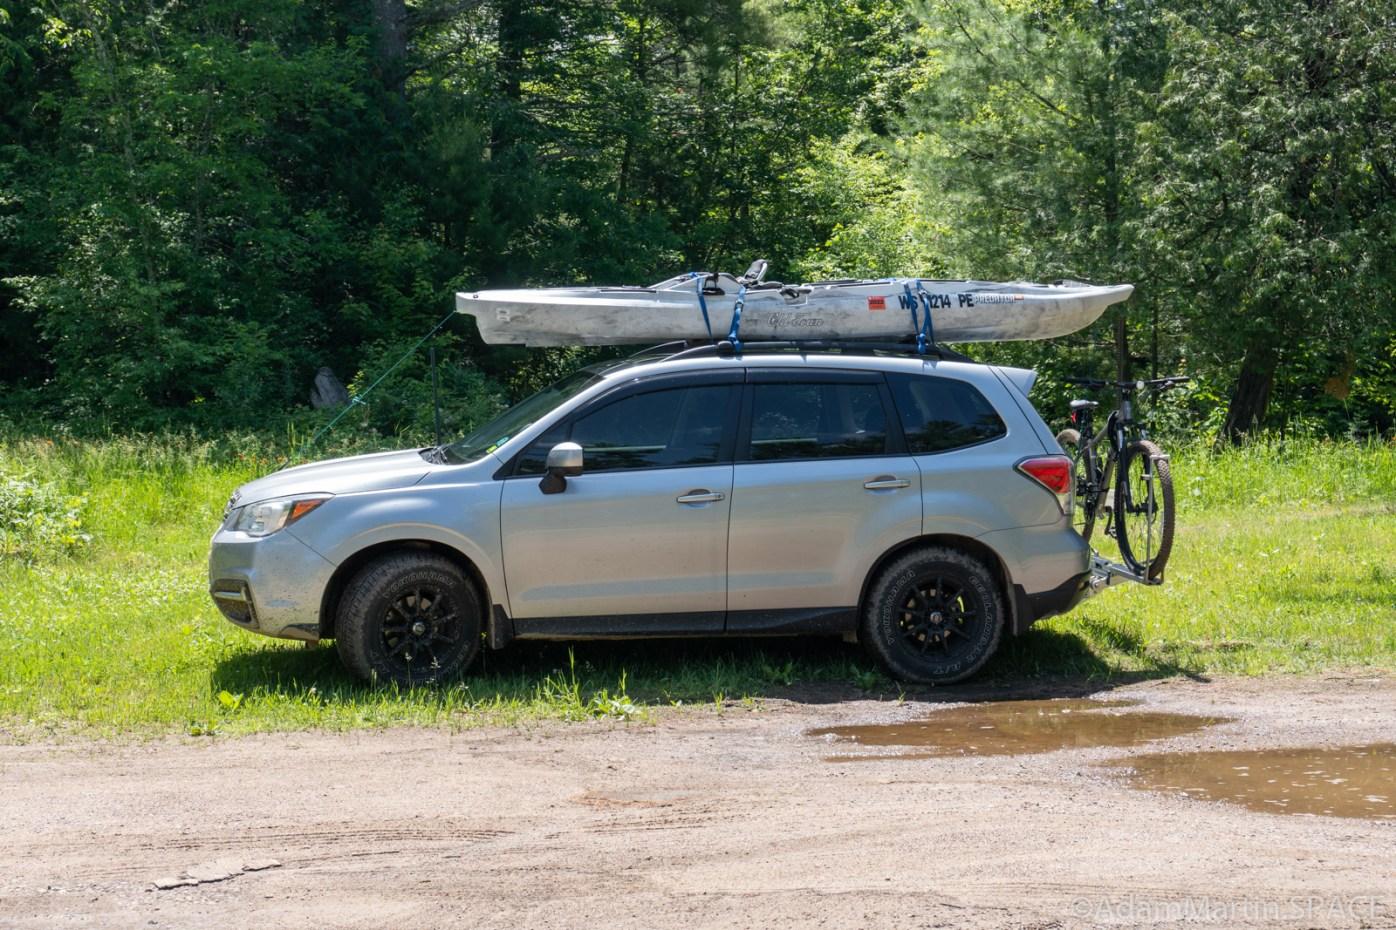 Wolf River Dalles & Tea Kettle Rapids - Gratuitous shot of my transportation